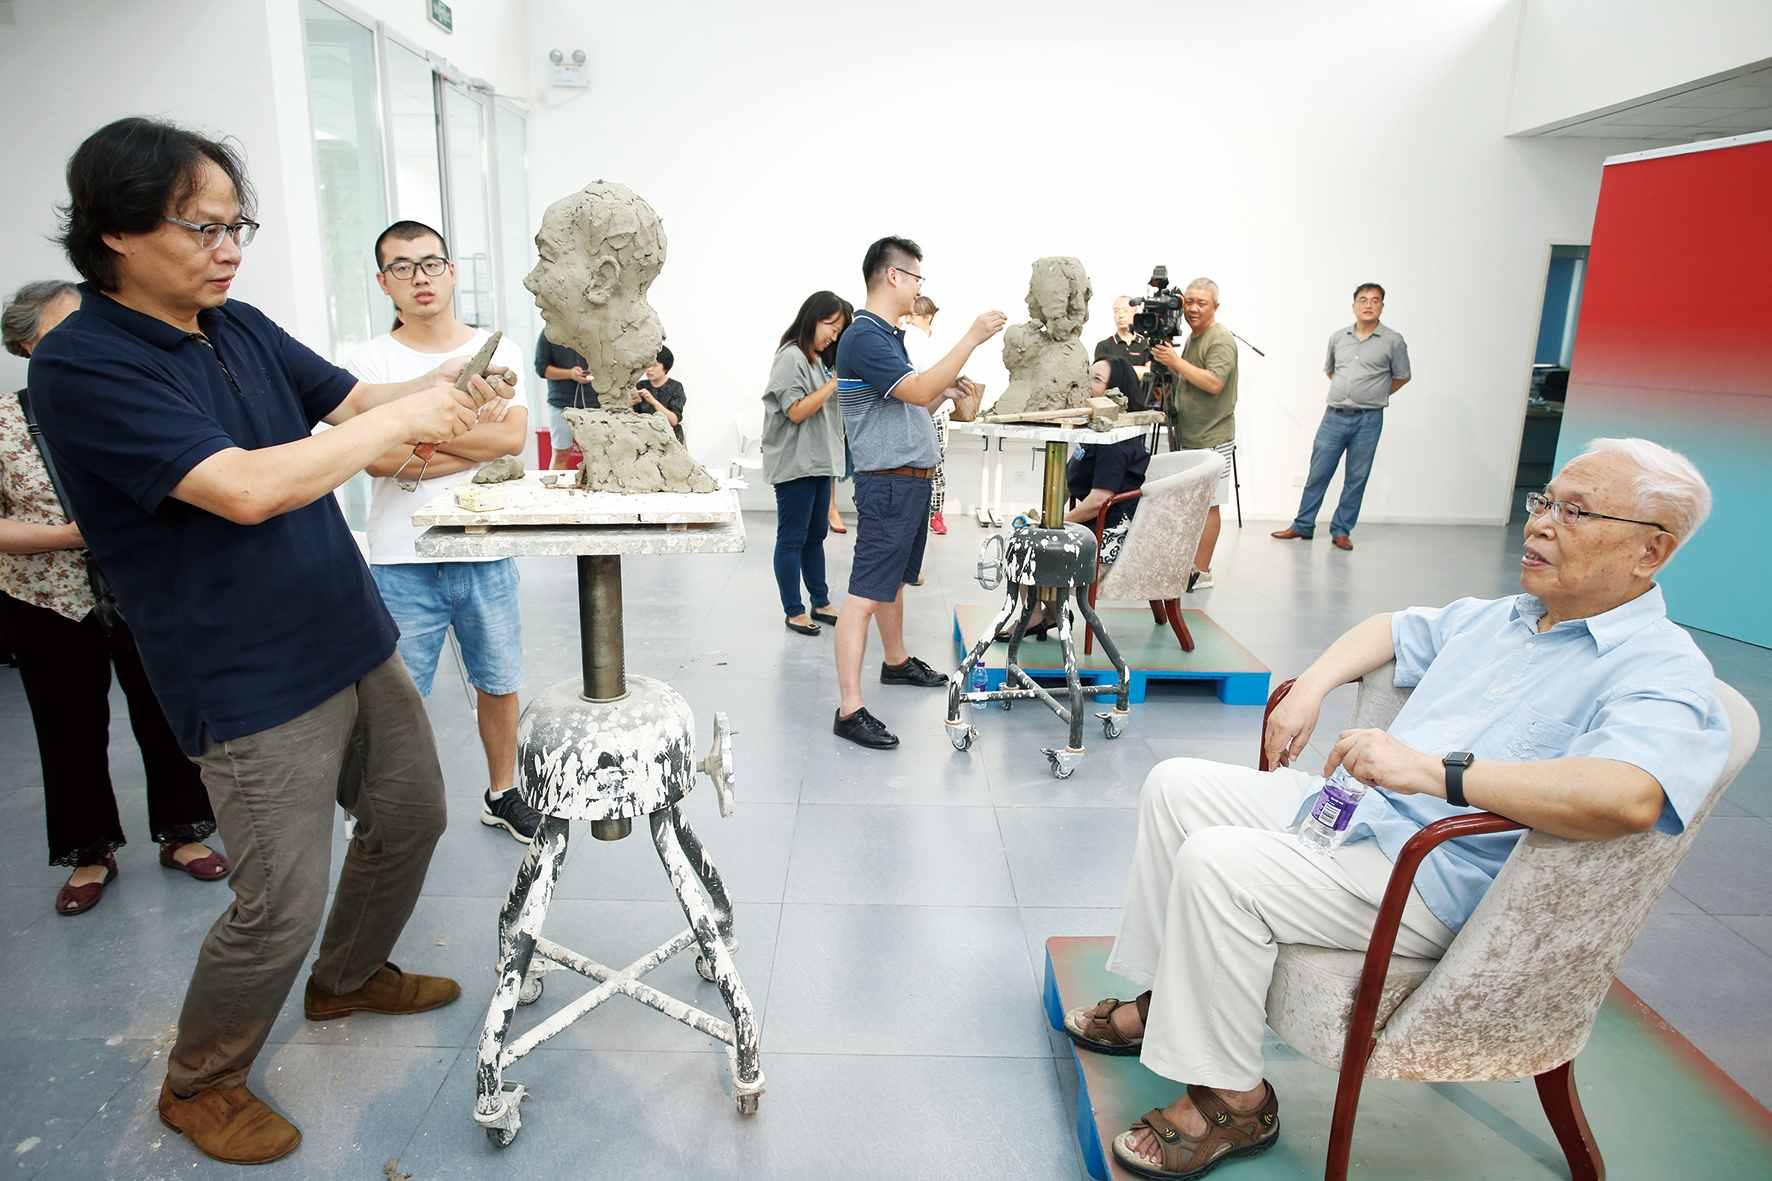 """2019年9月9日,在中國美術館舉辦的""""為新時代人物塑像:中國美術館雕塑工作坊十期回顧暨2019年教師節專場塑像""""活動中,青年雕塑藝術家李永康為中國科學院院士姜伯駒塑像。"""